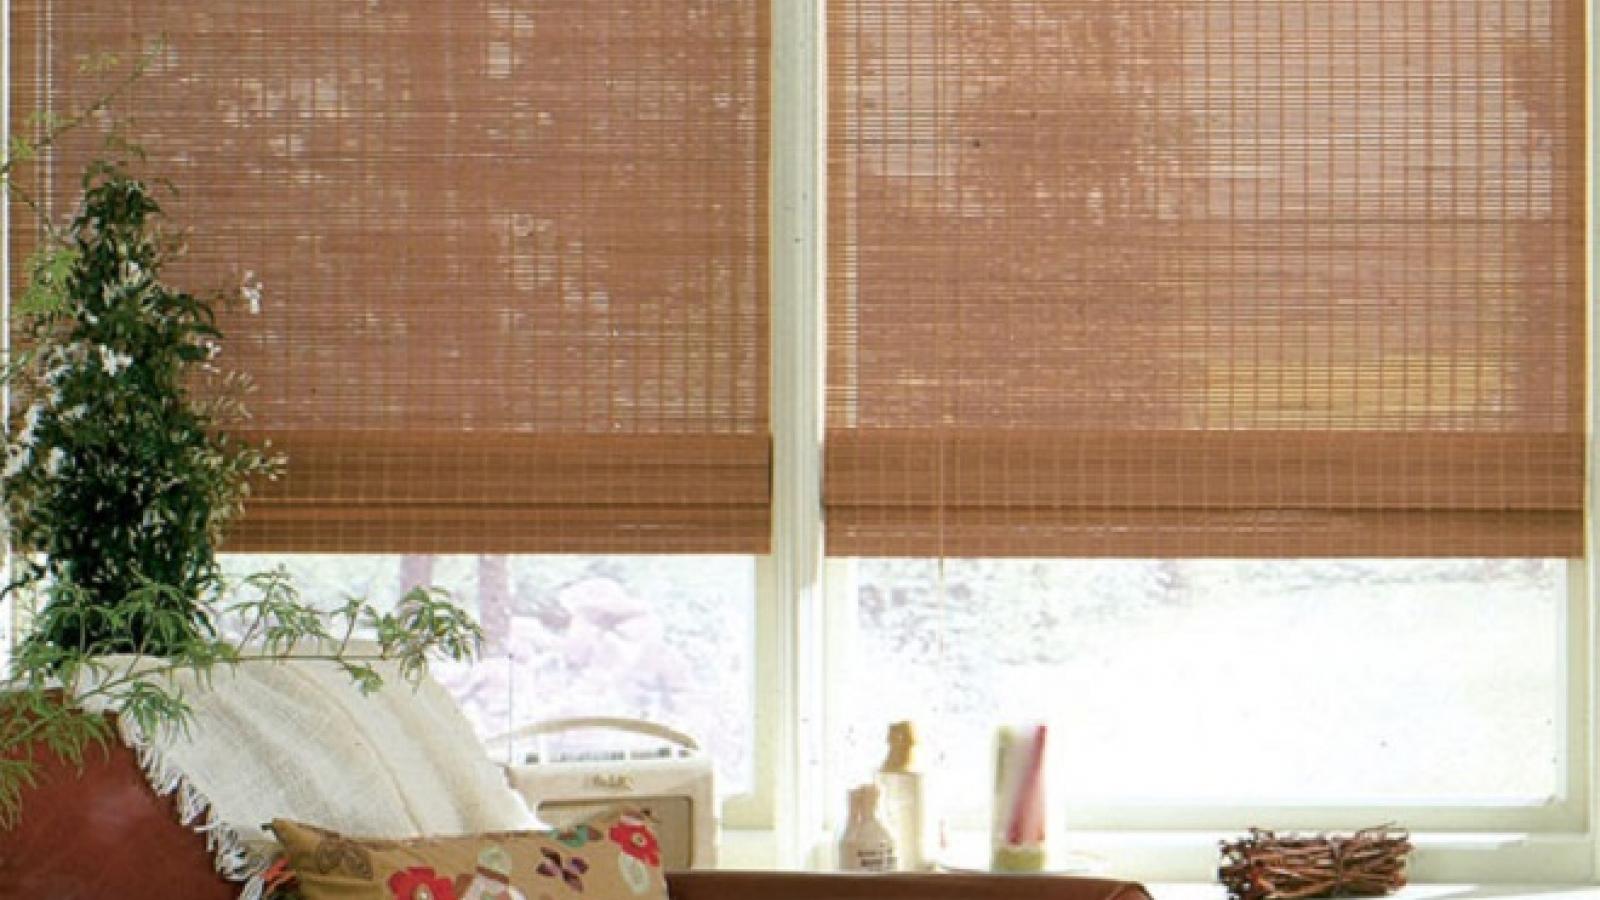 Muốn nhà không tích bụi hãy hạn chế sử dụng những đồ nội thất sau